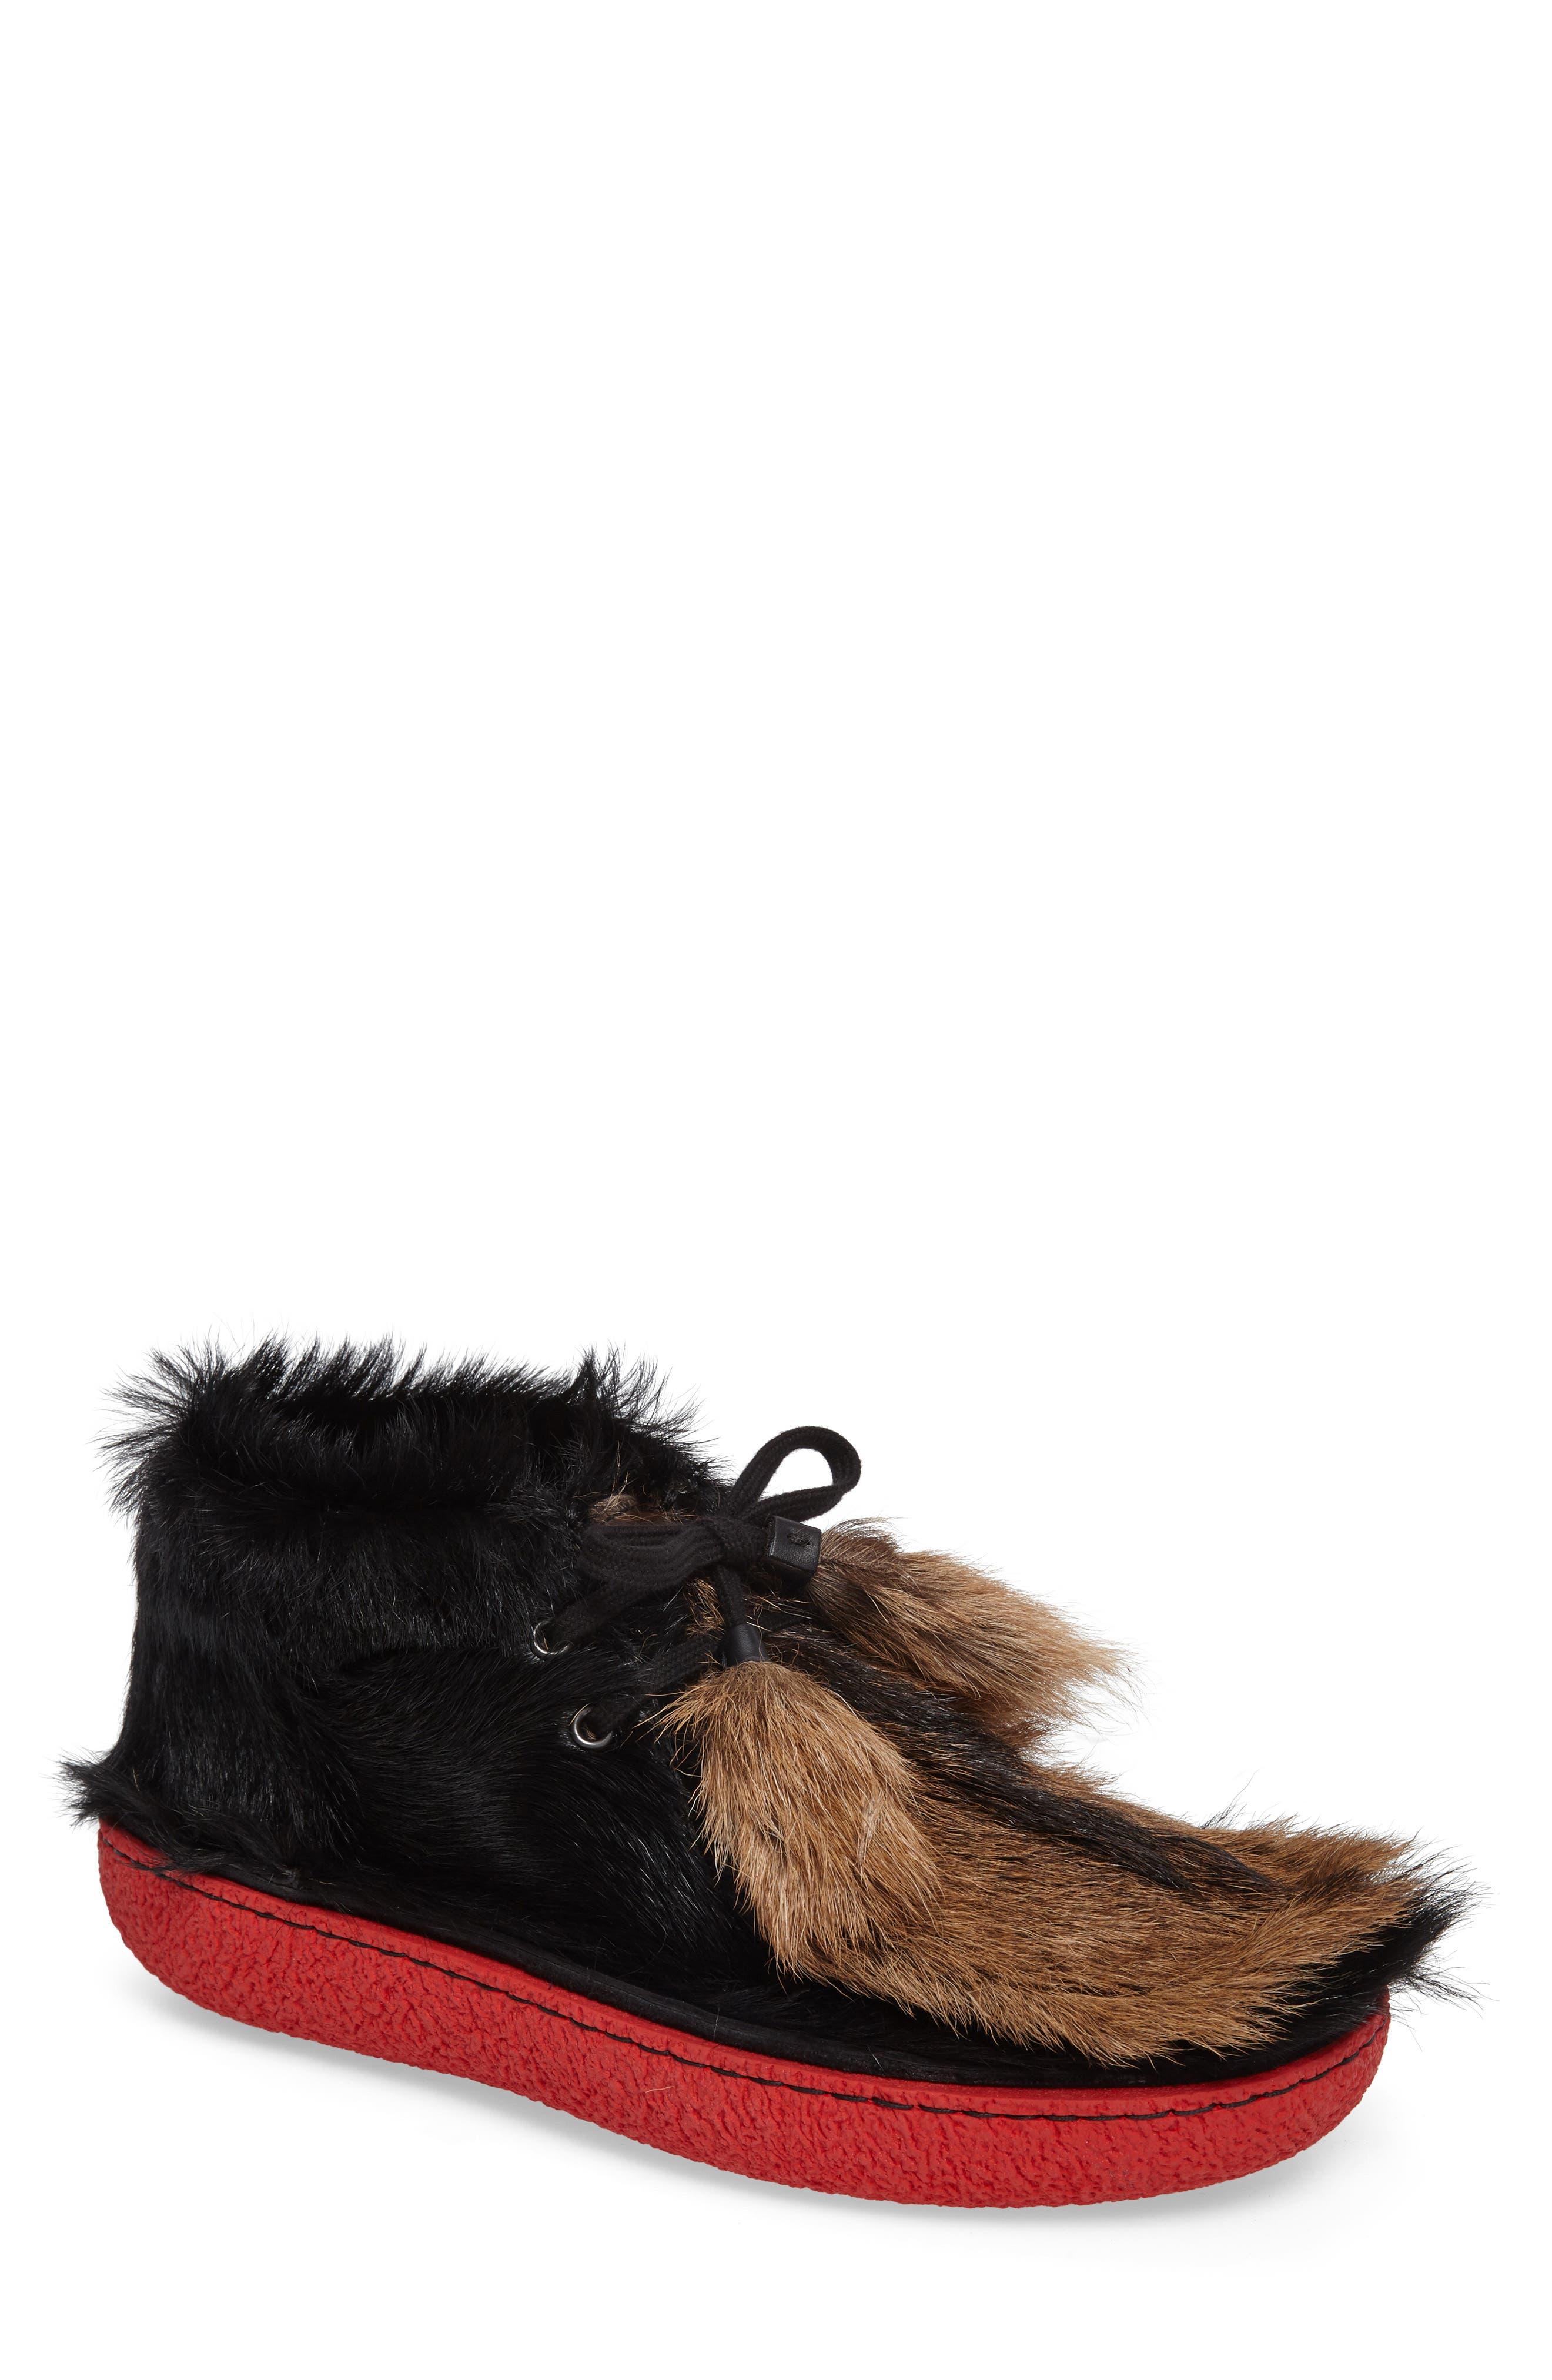 Genuine Calf and Goat Hair Chukka Boot,                             Main thumbnail 1, color,                             001